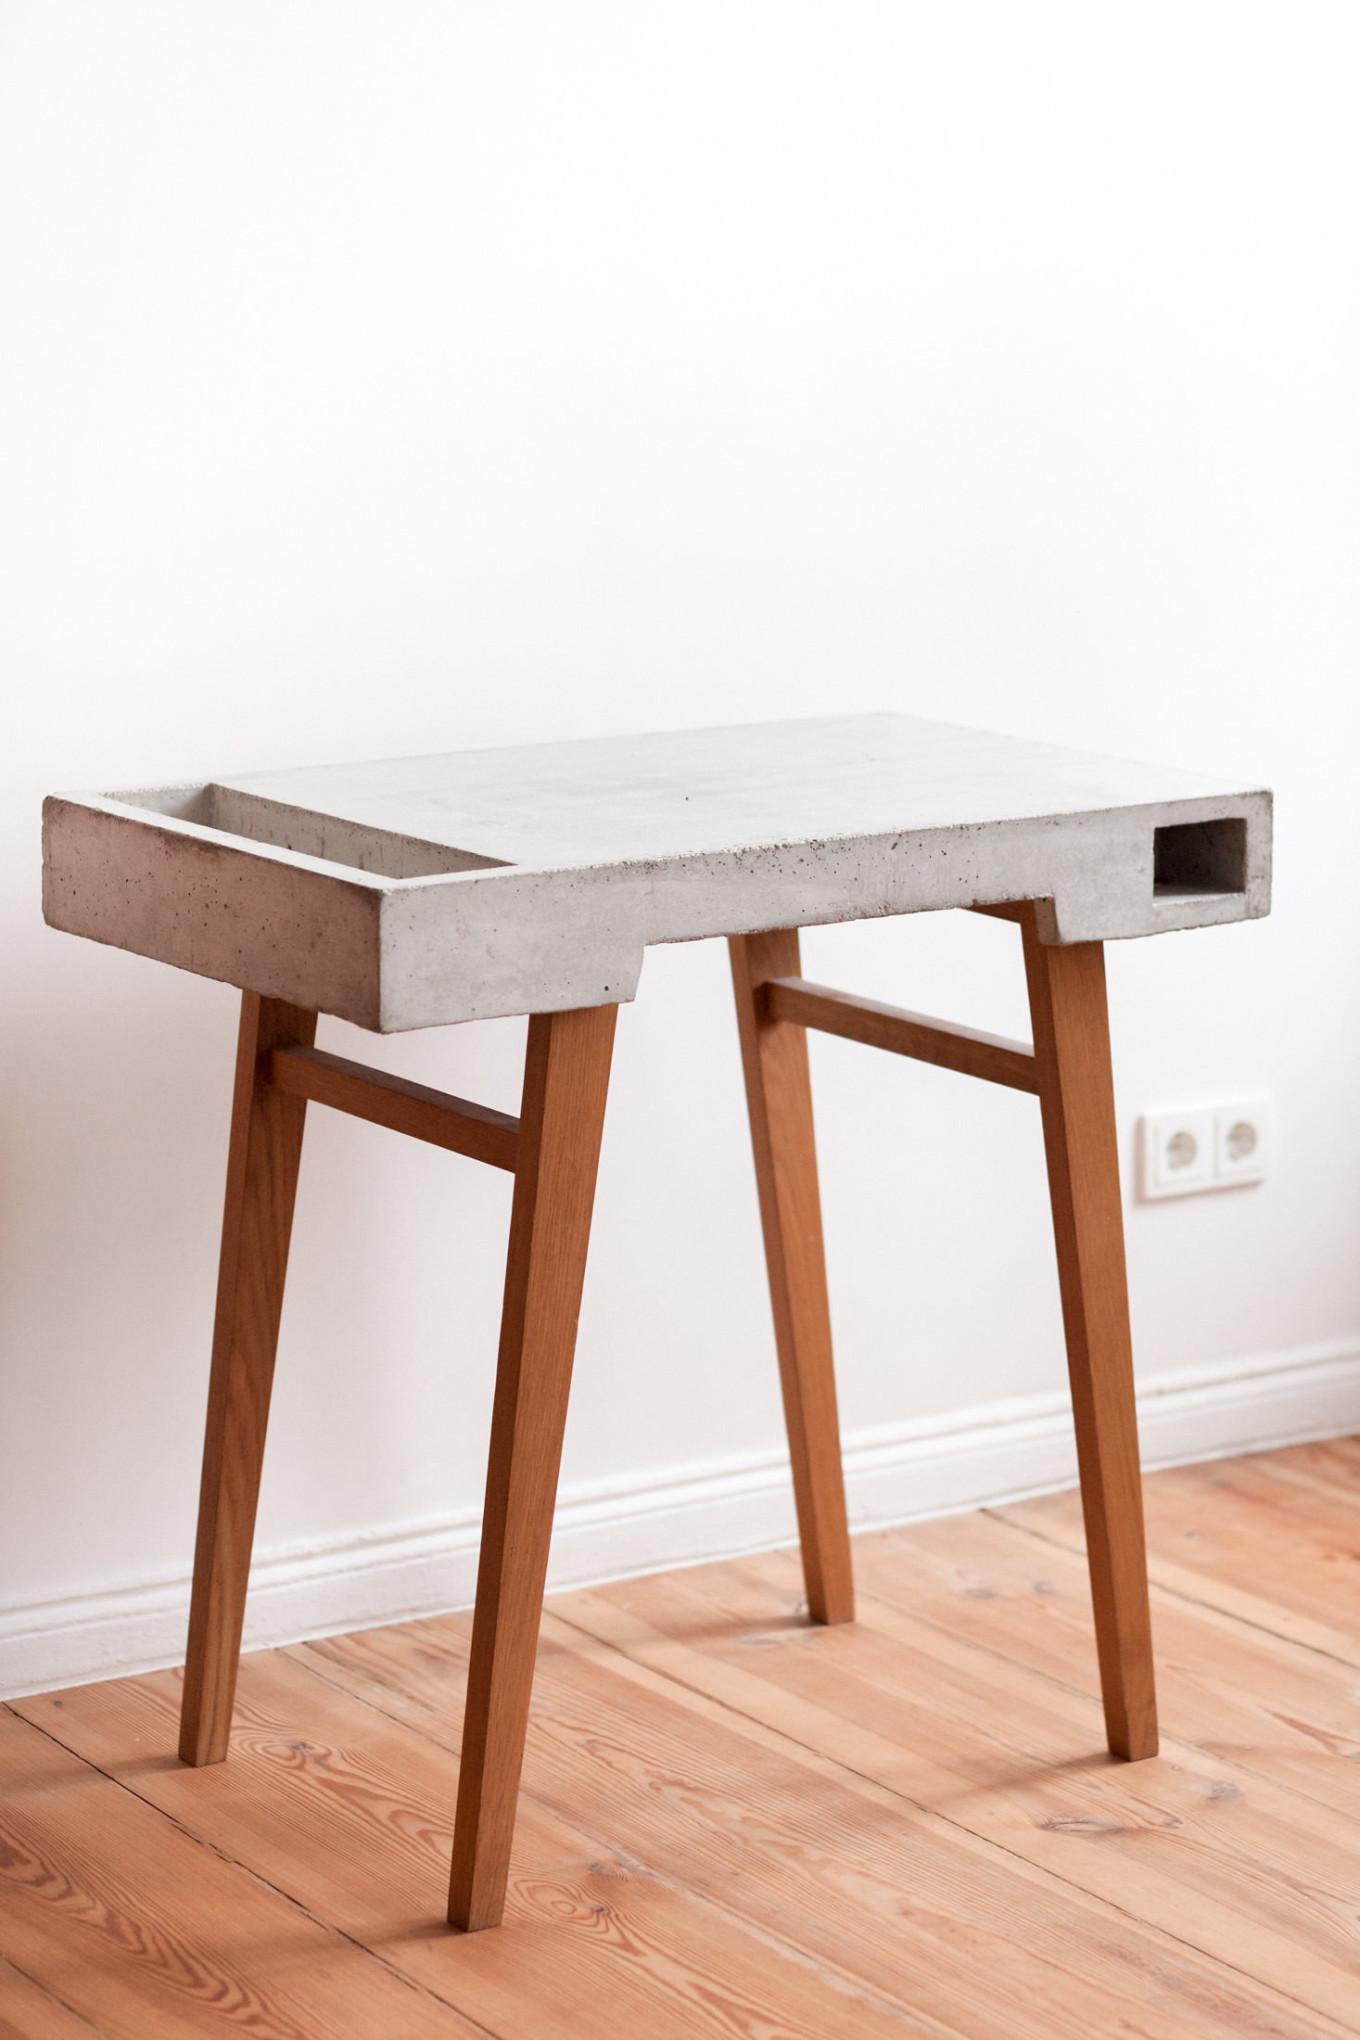 Concrete Tisch Sigurd Larsen